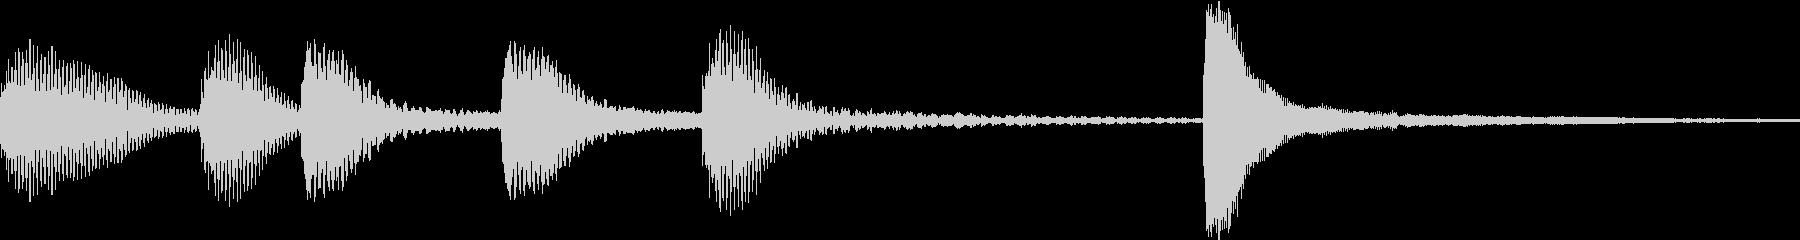 ピアノのジングル、ラジオ等の未再生の波形